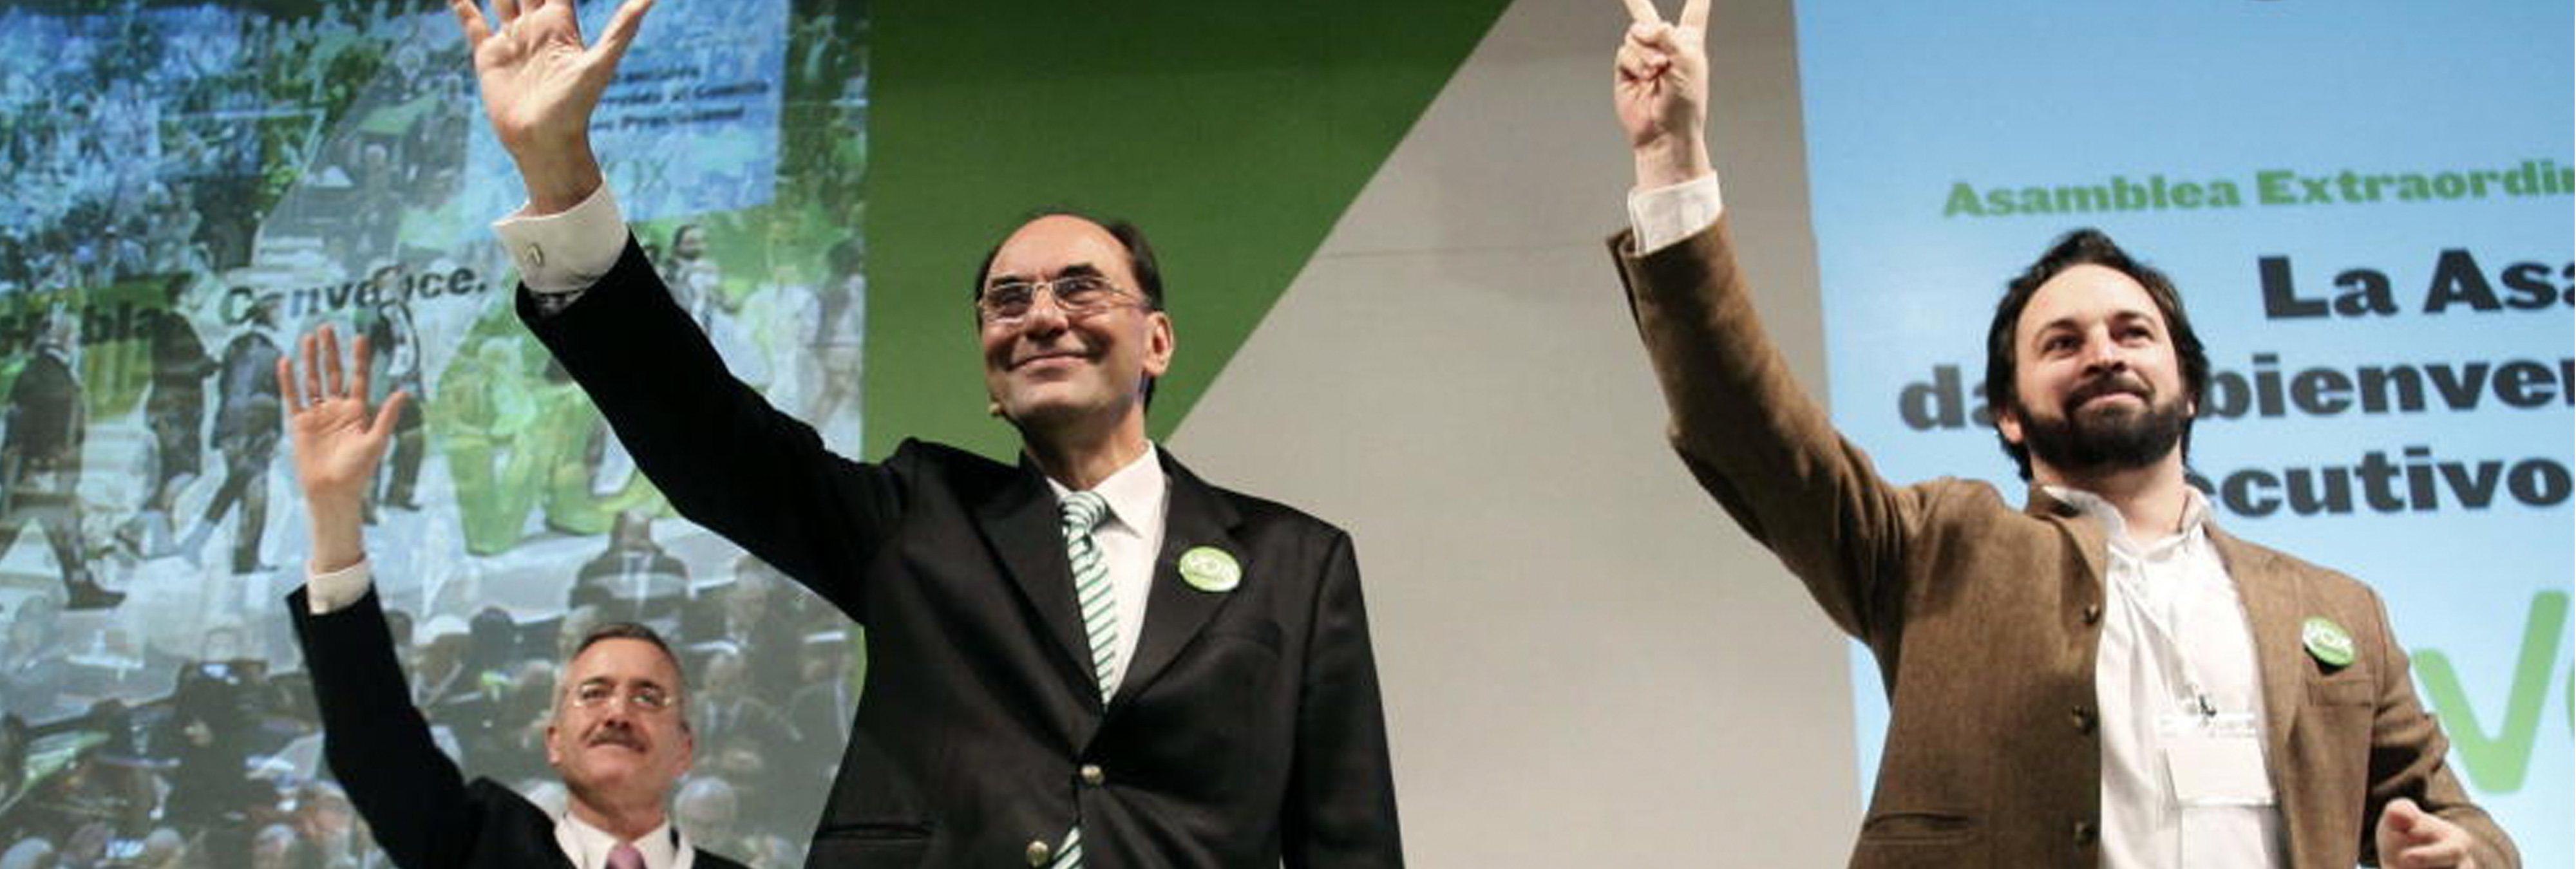 El 80% de la campaña de VOX de 2014 fue financiada por millonarios iraníes